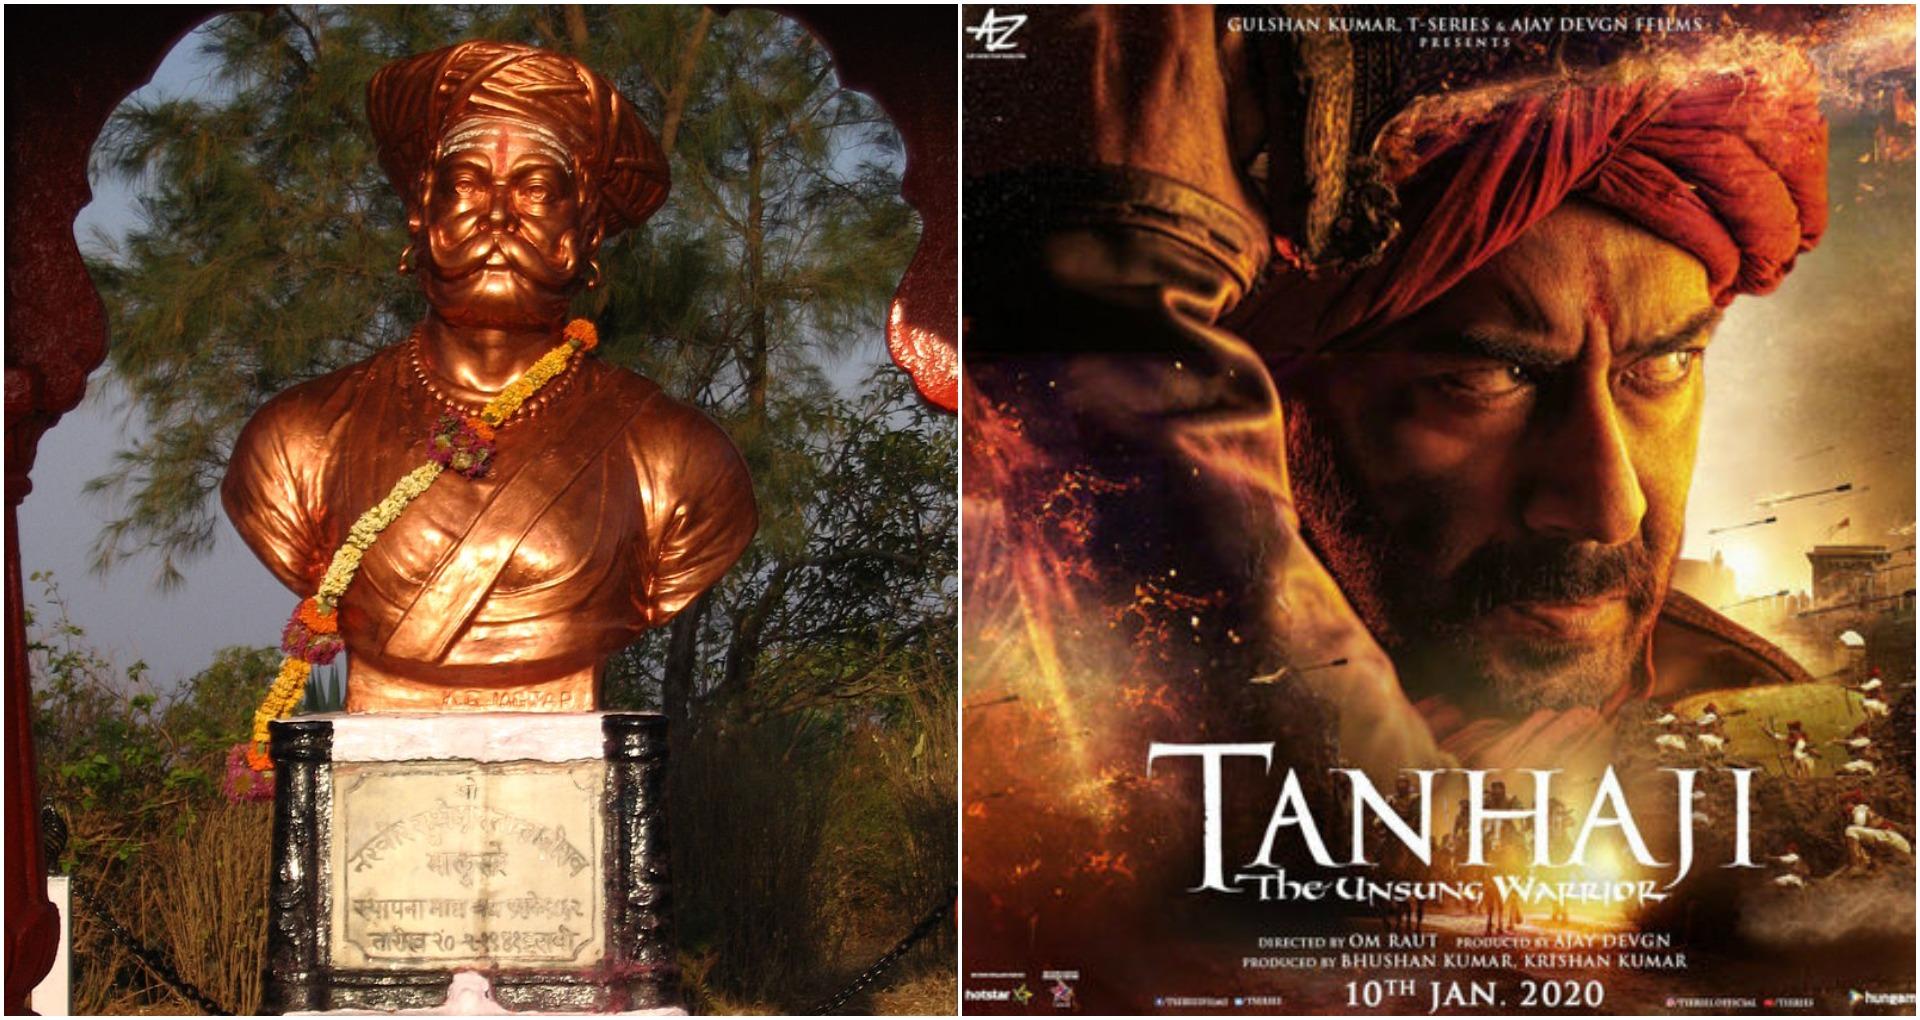 वीर योद्धा तानाजी मालुसरे के इन 12 खासियत पर मर मिटे अजय देवगन, इसलिए इस कहानी को चुनी करियर की 100 वीं फिल्म